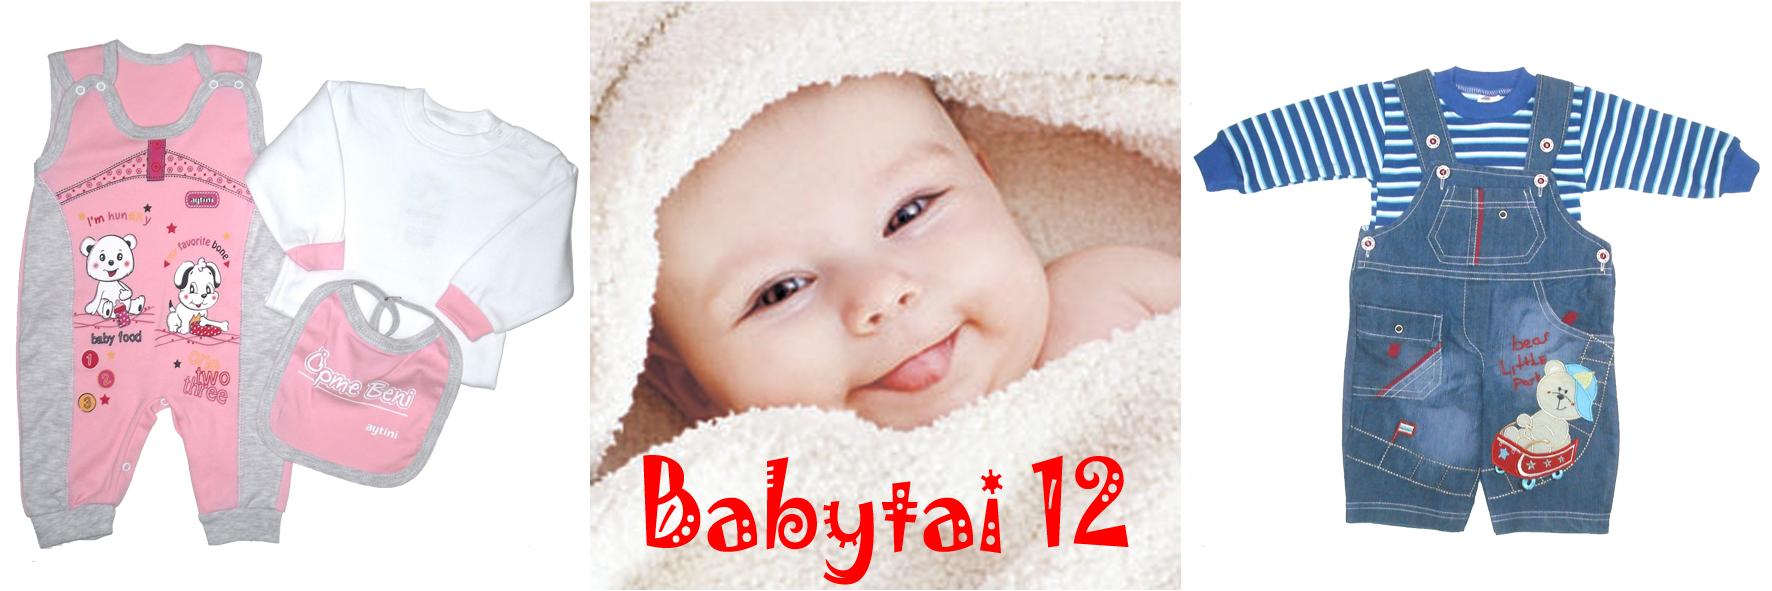 Сбор заказов. Babytai - большой выбор детской одежды от 0 и старше. Утепленные костюмы для малышей. Праздничные платья. Распродажа: все по 200, 300, 400 рублей. Выкуп 12